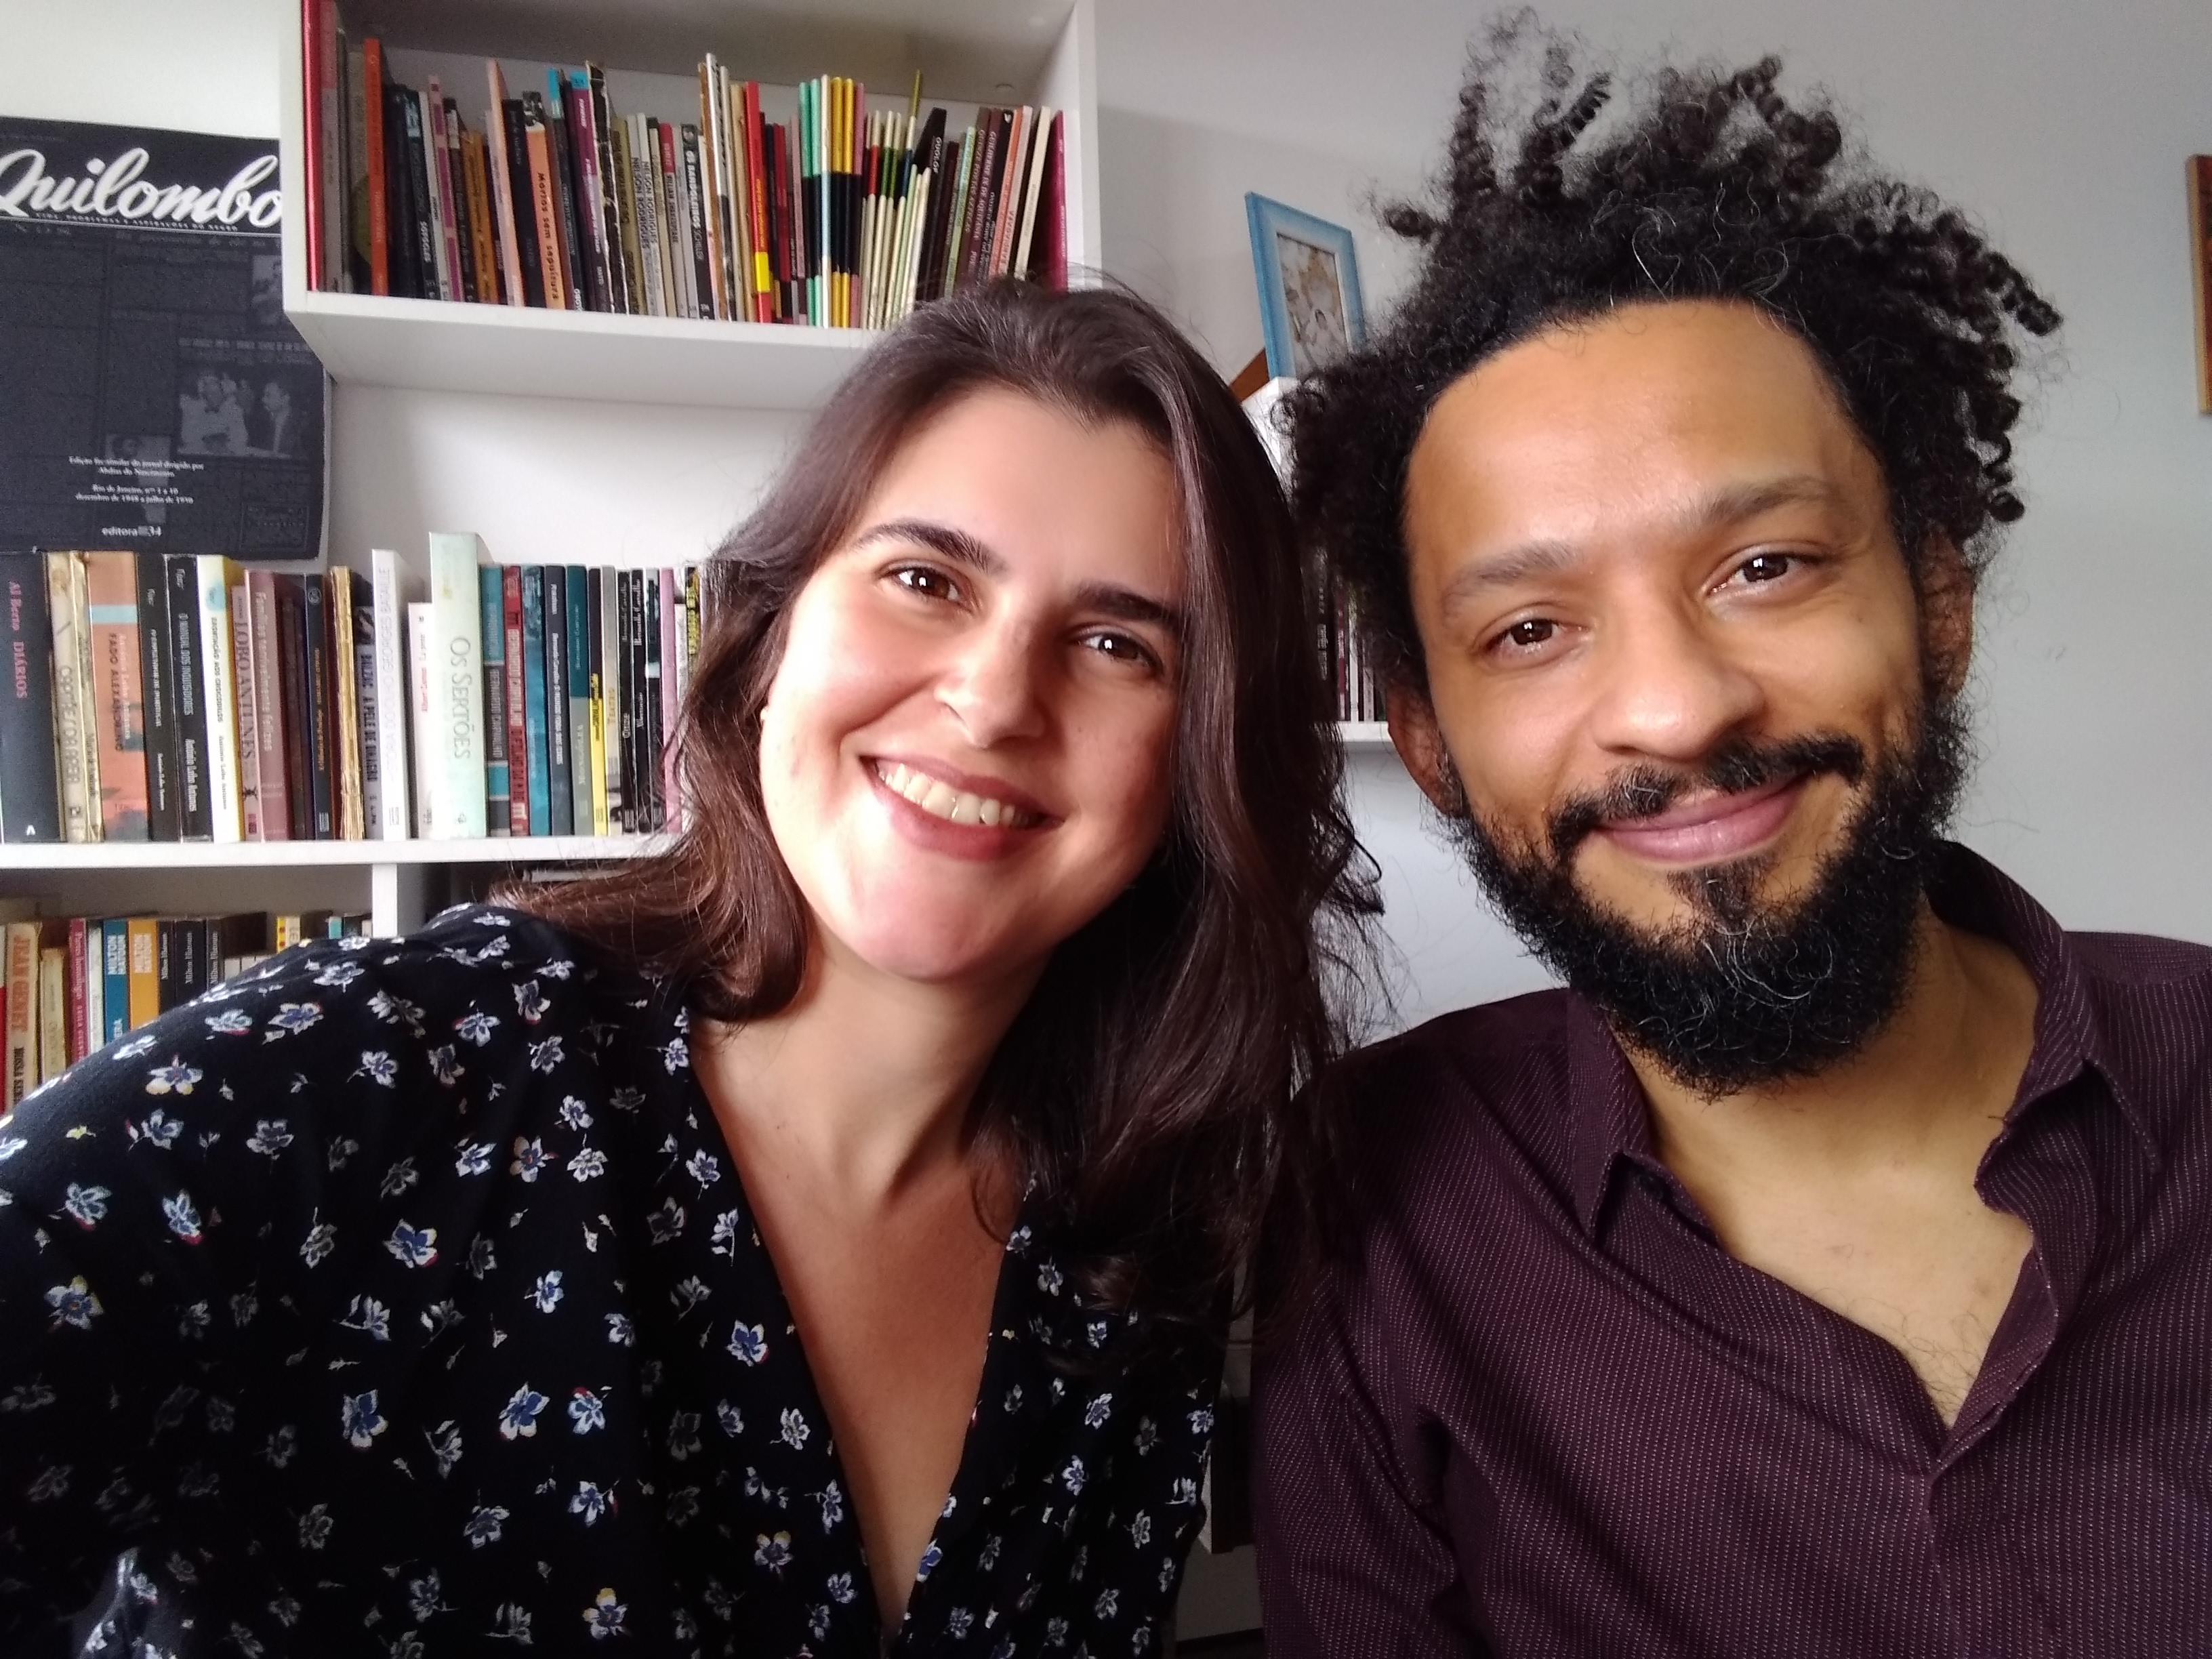 Milena Mulatti Magri e Gustavo Scudeller. Foto: arquivo pessoal.